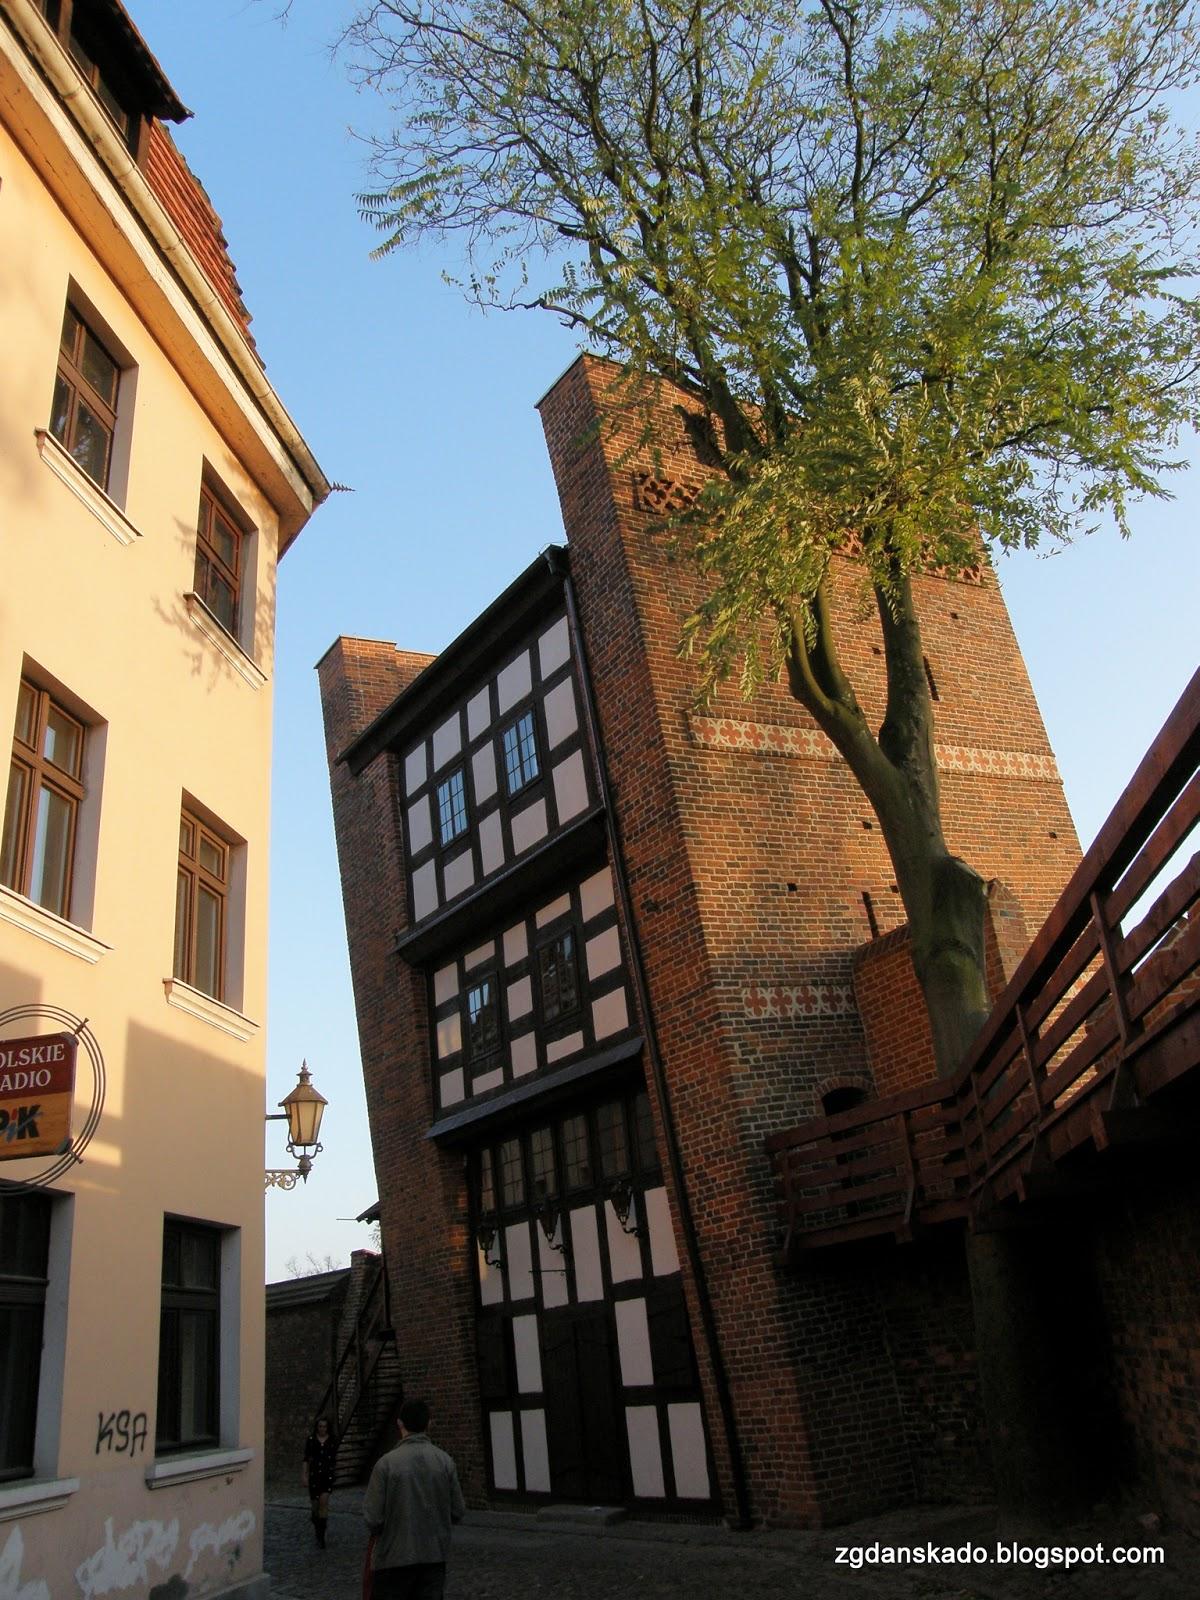 Toruń - Krzywa Wieża